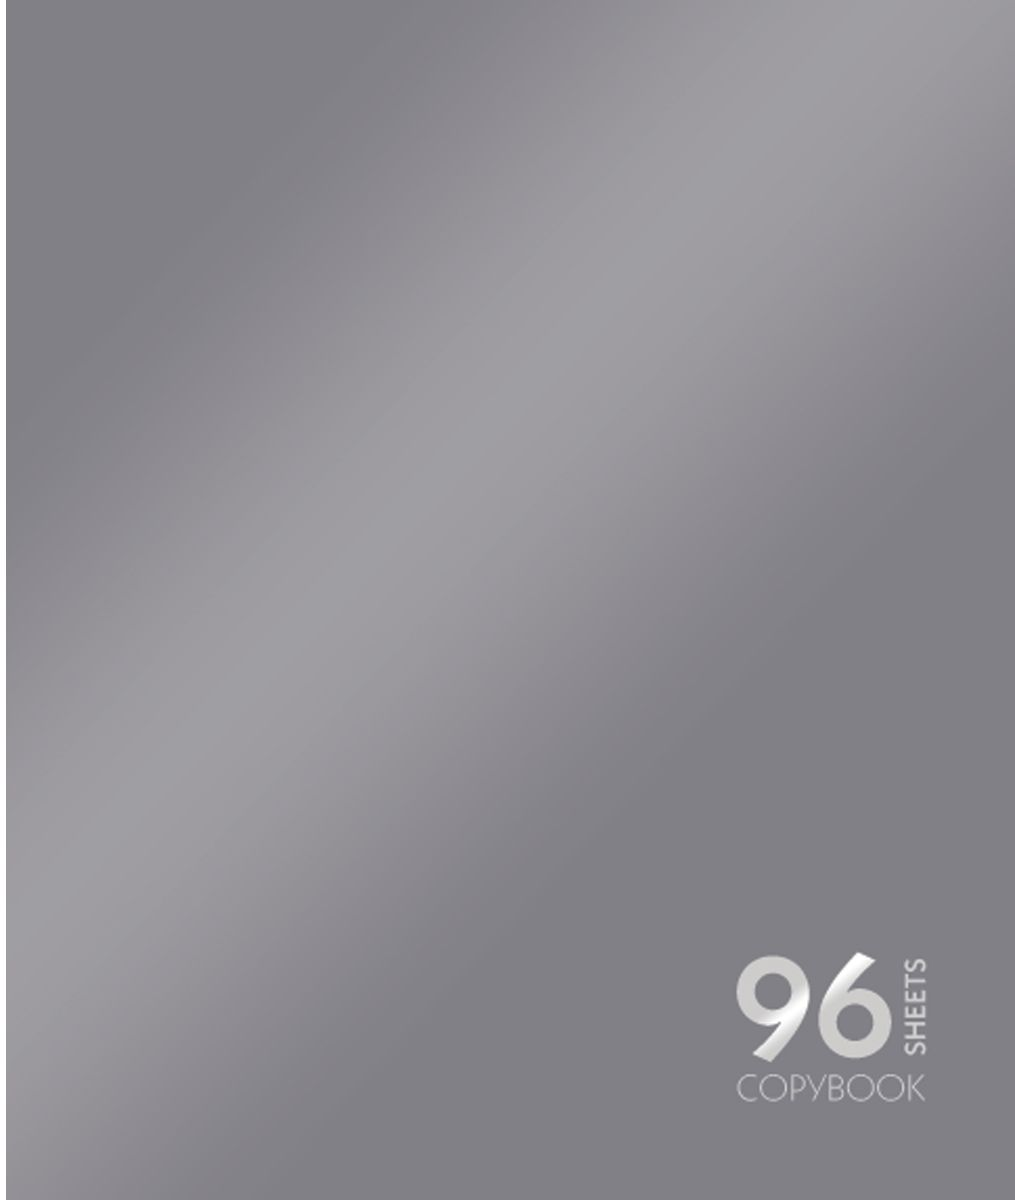 Канц-Эксмо Тетрадь Сияние цвета 96 листов в клетку цвет серебристый72523WDТетрадь А5 96 листов на скрепке, клетка. Обложка мелованный картон с пантонной металлизированной печатью. Бумага офсет 60г/м2